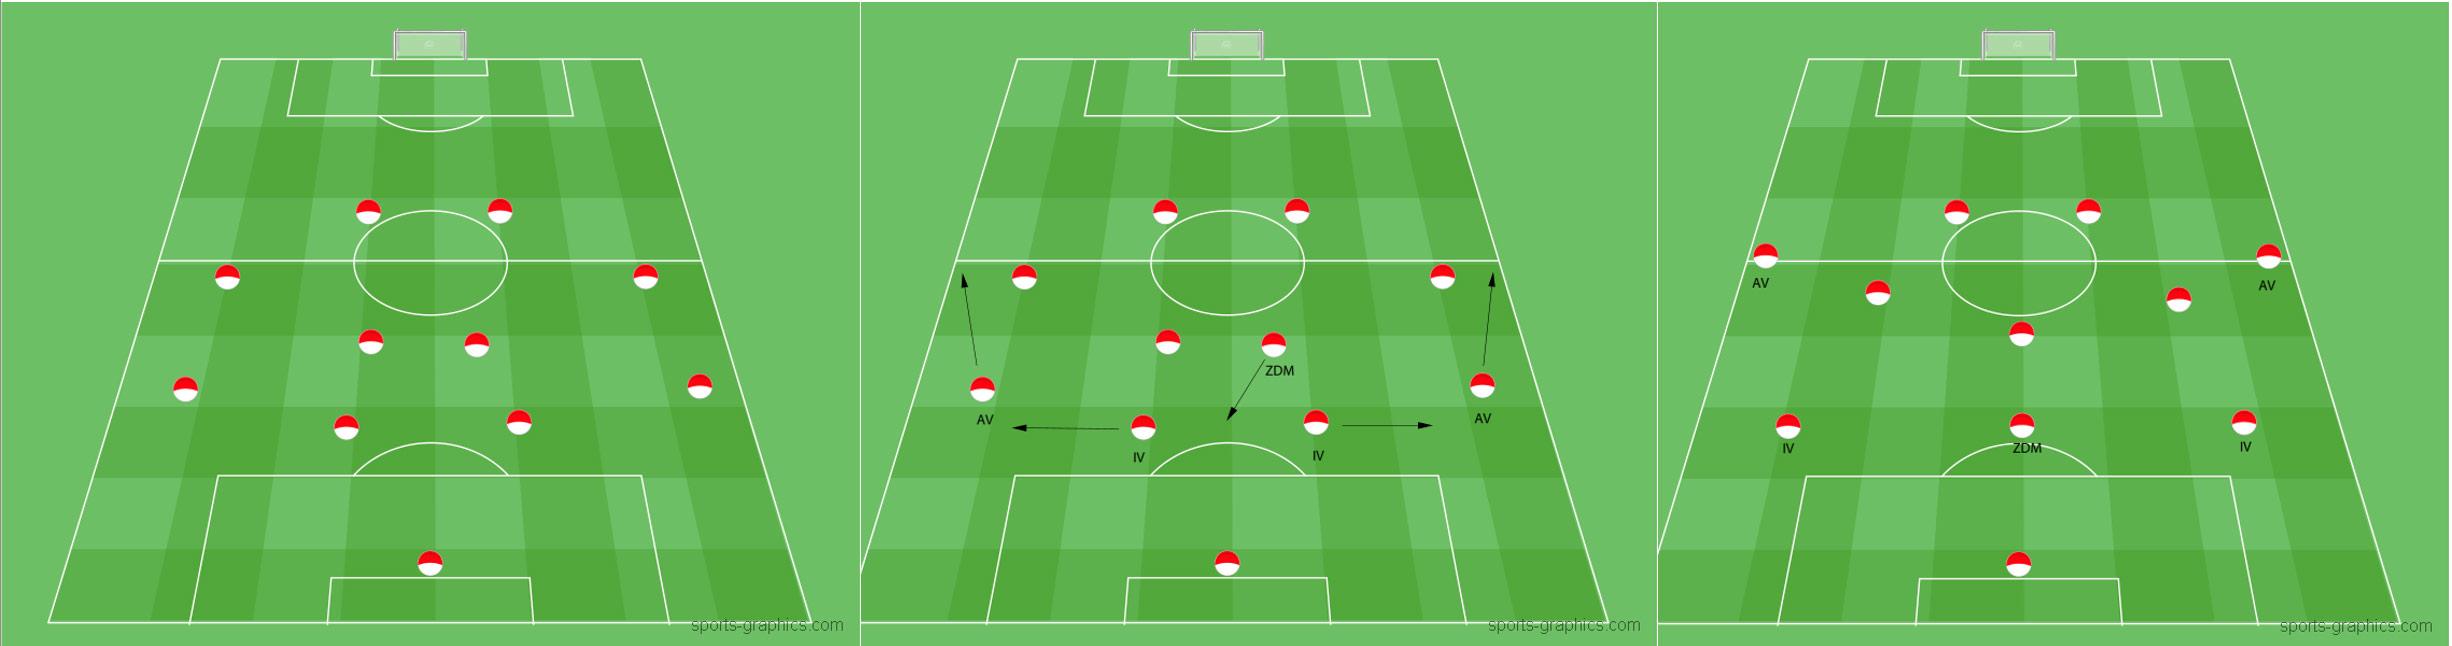 Flexibilität der Spielsysteme 4-4-2 und 3-5-2